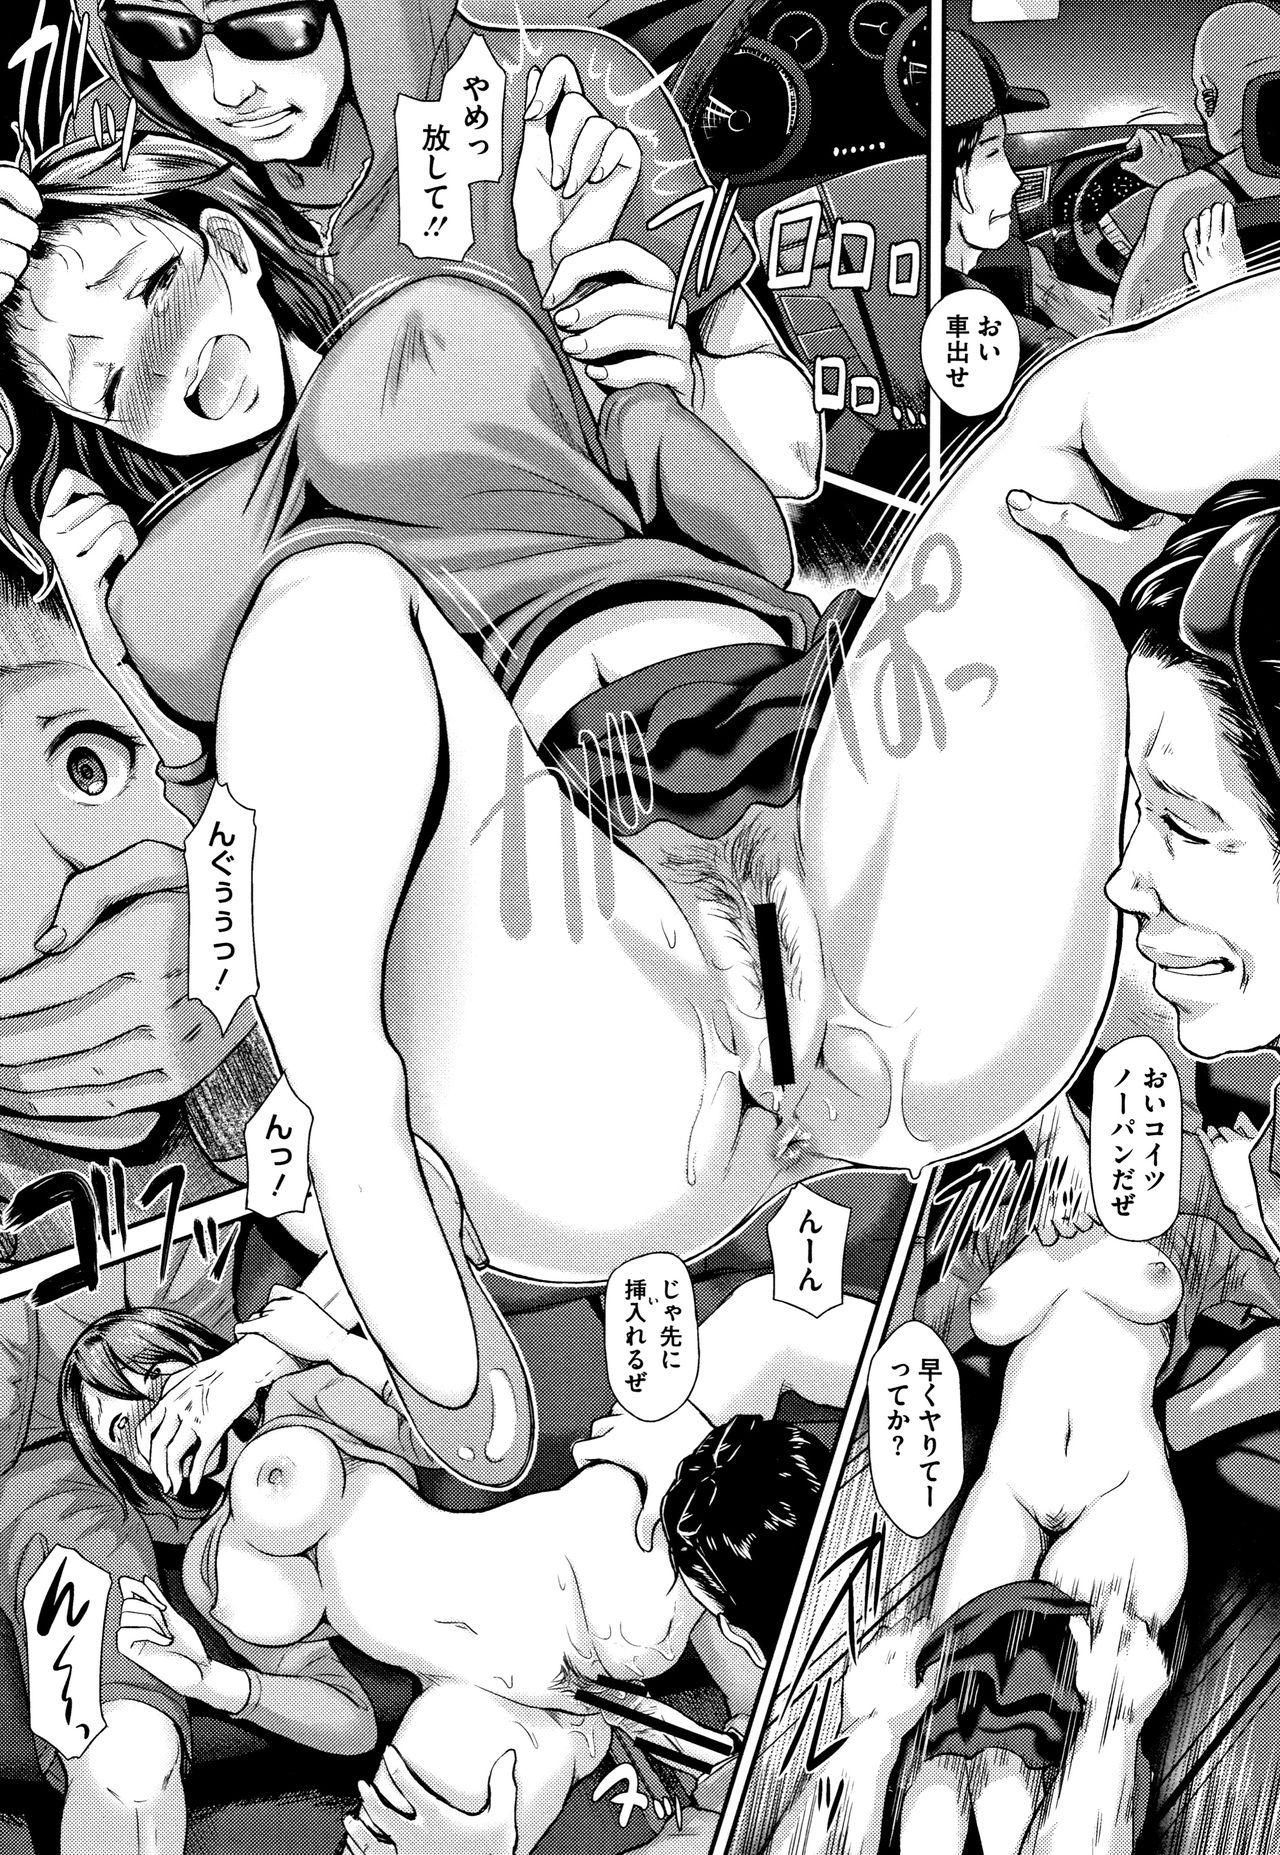 【エロ漫画】俺を裏切った女は絶対に復讐してやる・・・人妻は弱み握り易くて楽だわwww